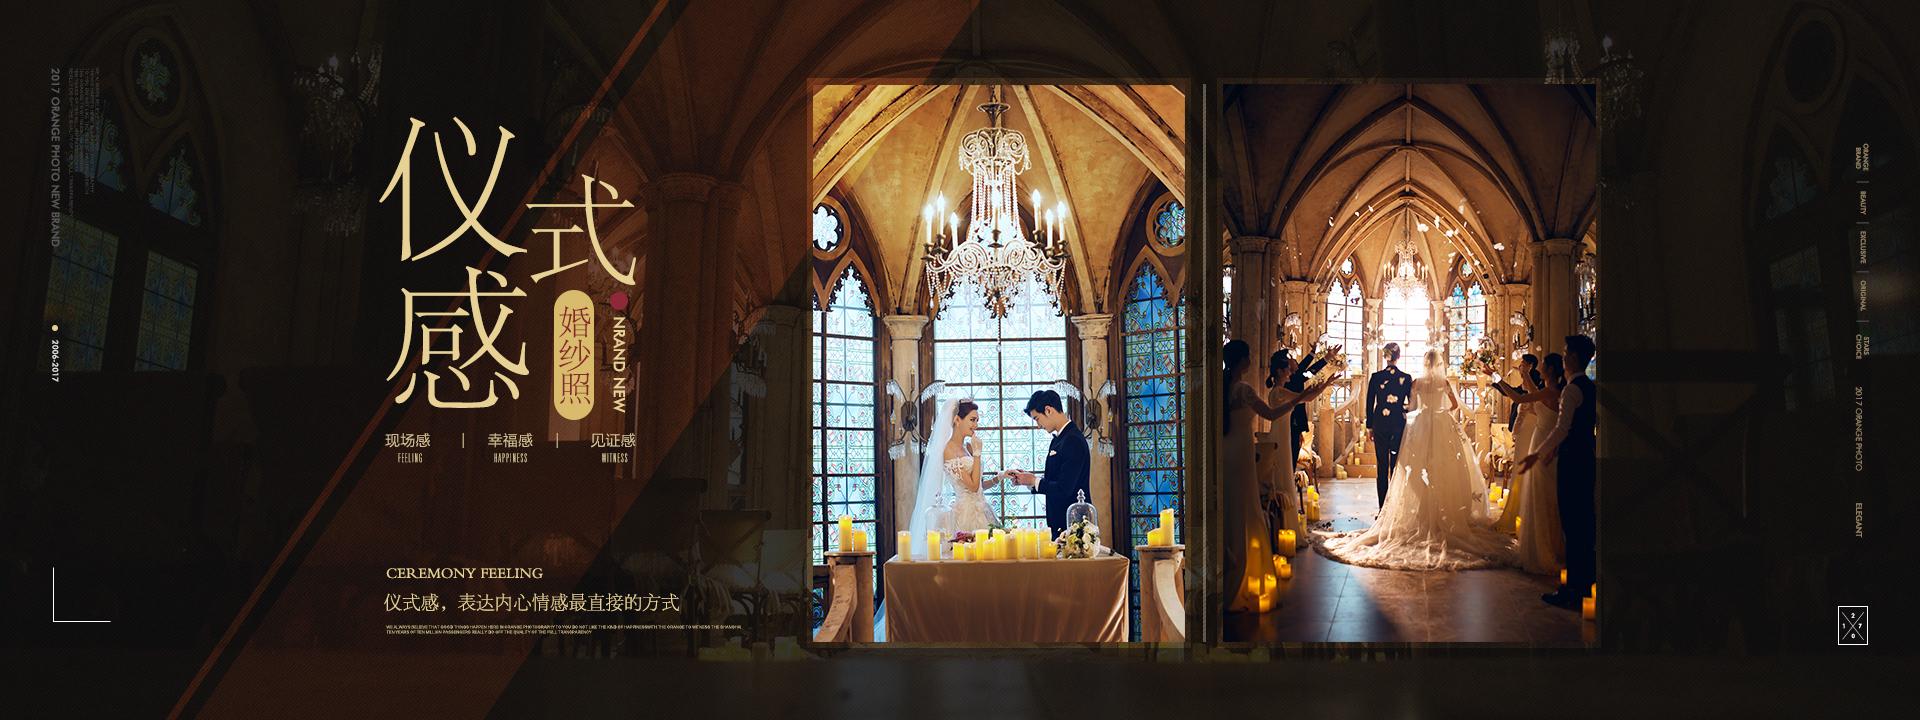 仪式感婚纱照